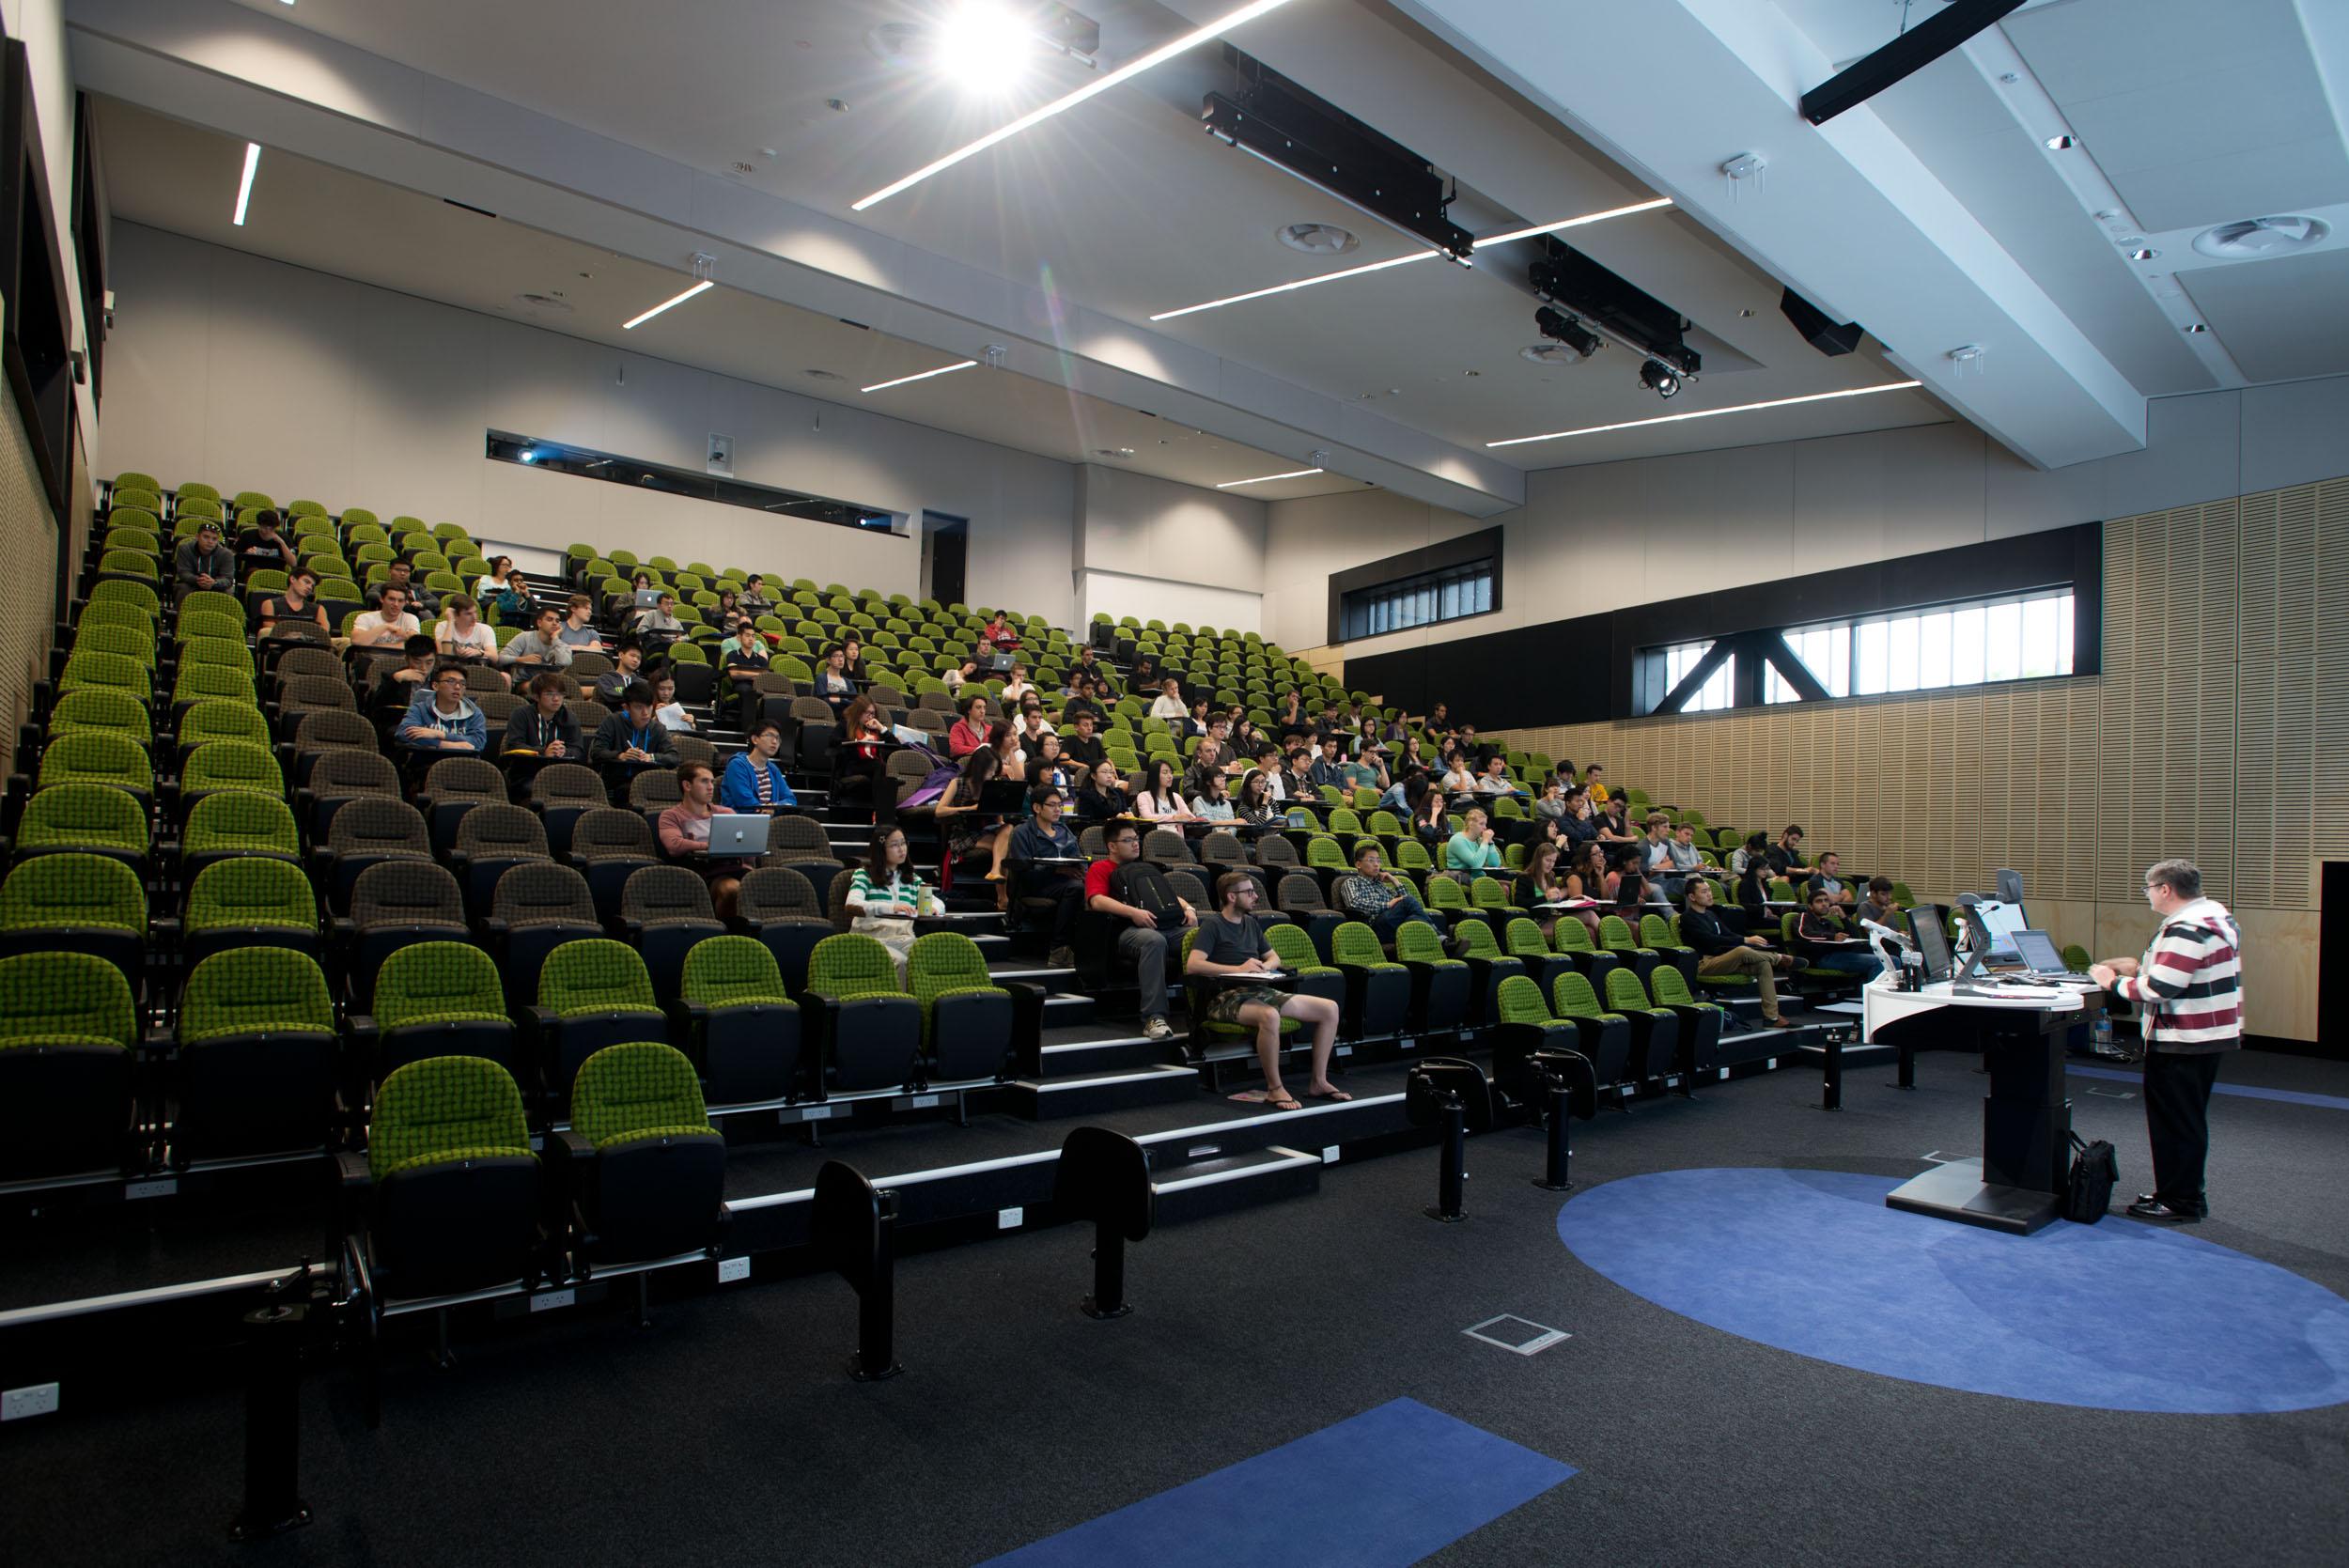 AdobeBridgeBatchRenameTemp5Monash S1 Lecture Theatre_Unknown_LRWeb.jpg